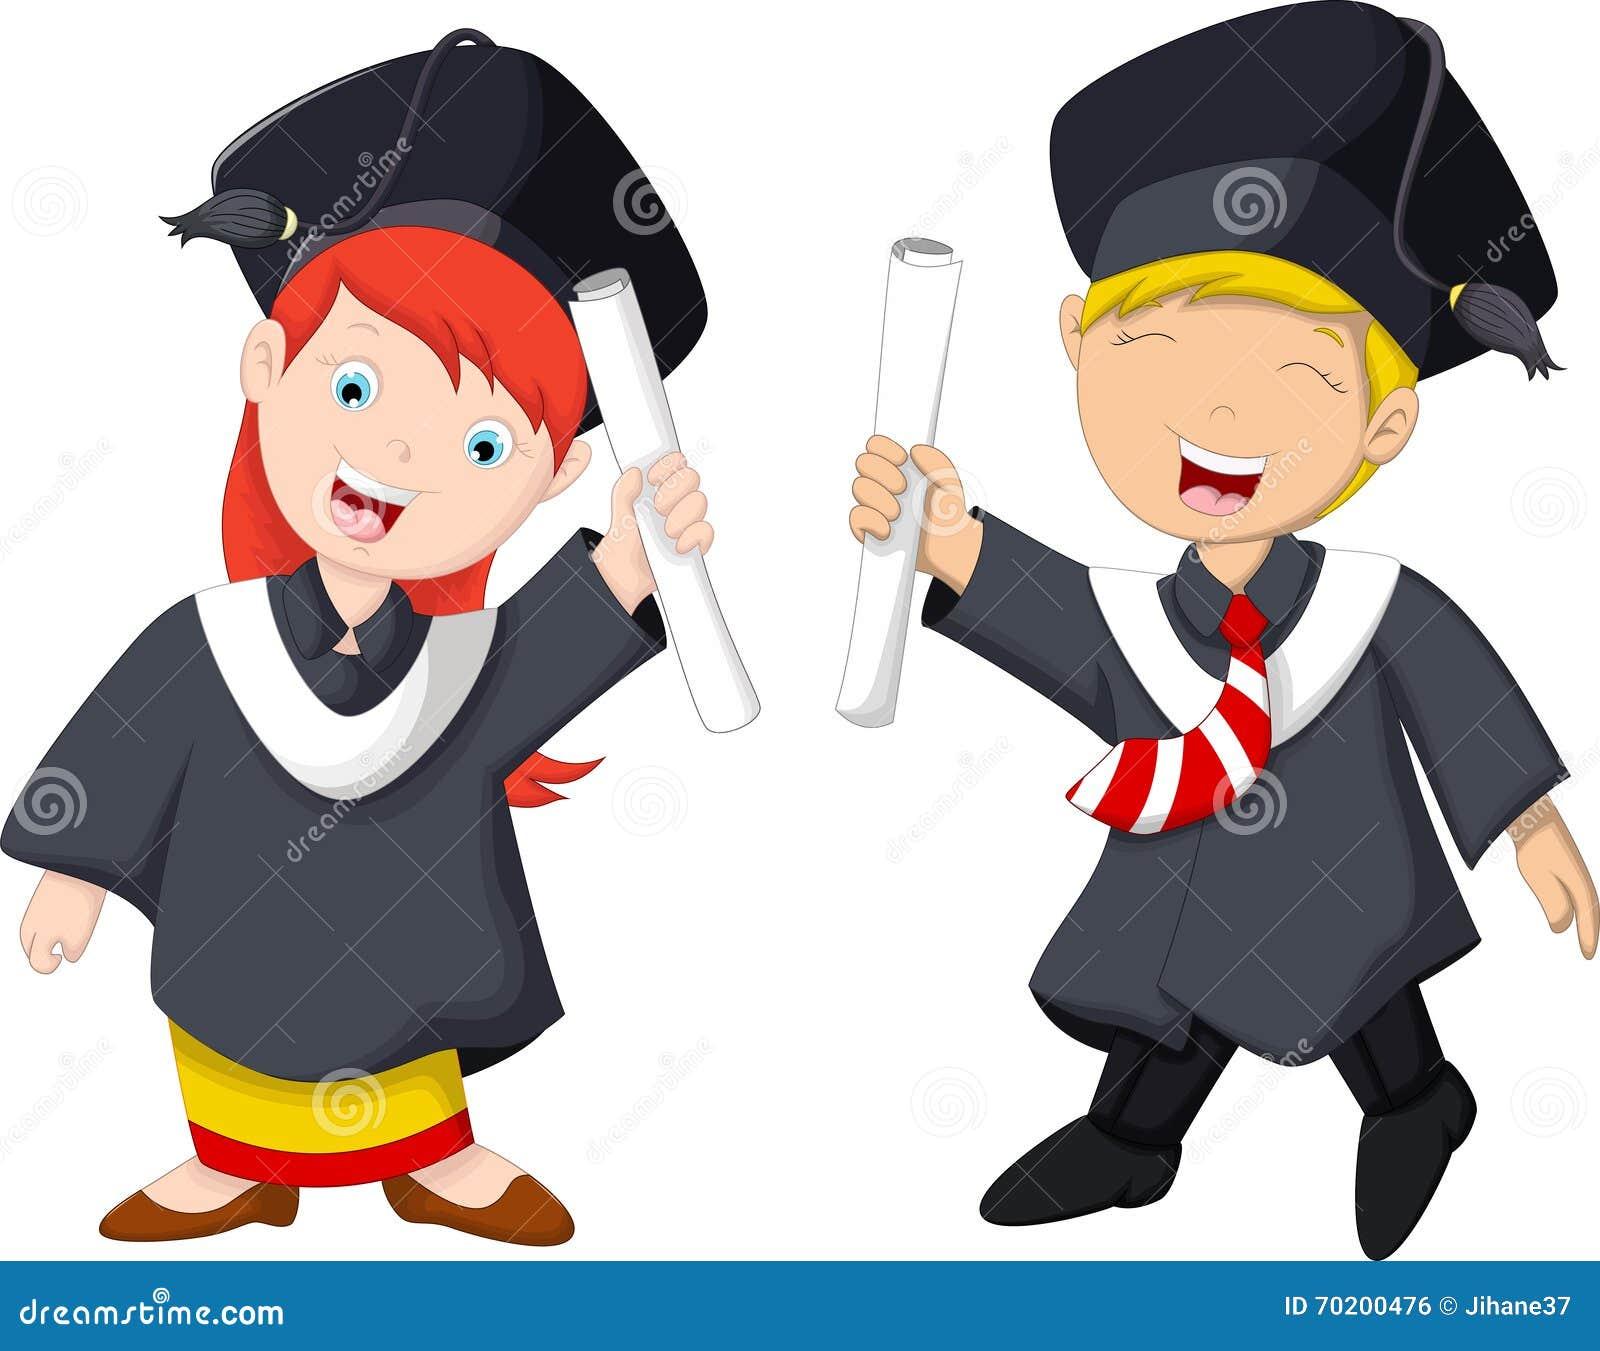 funny graduation clip art - photo #33